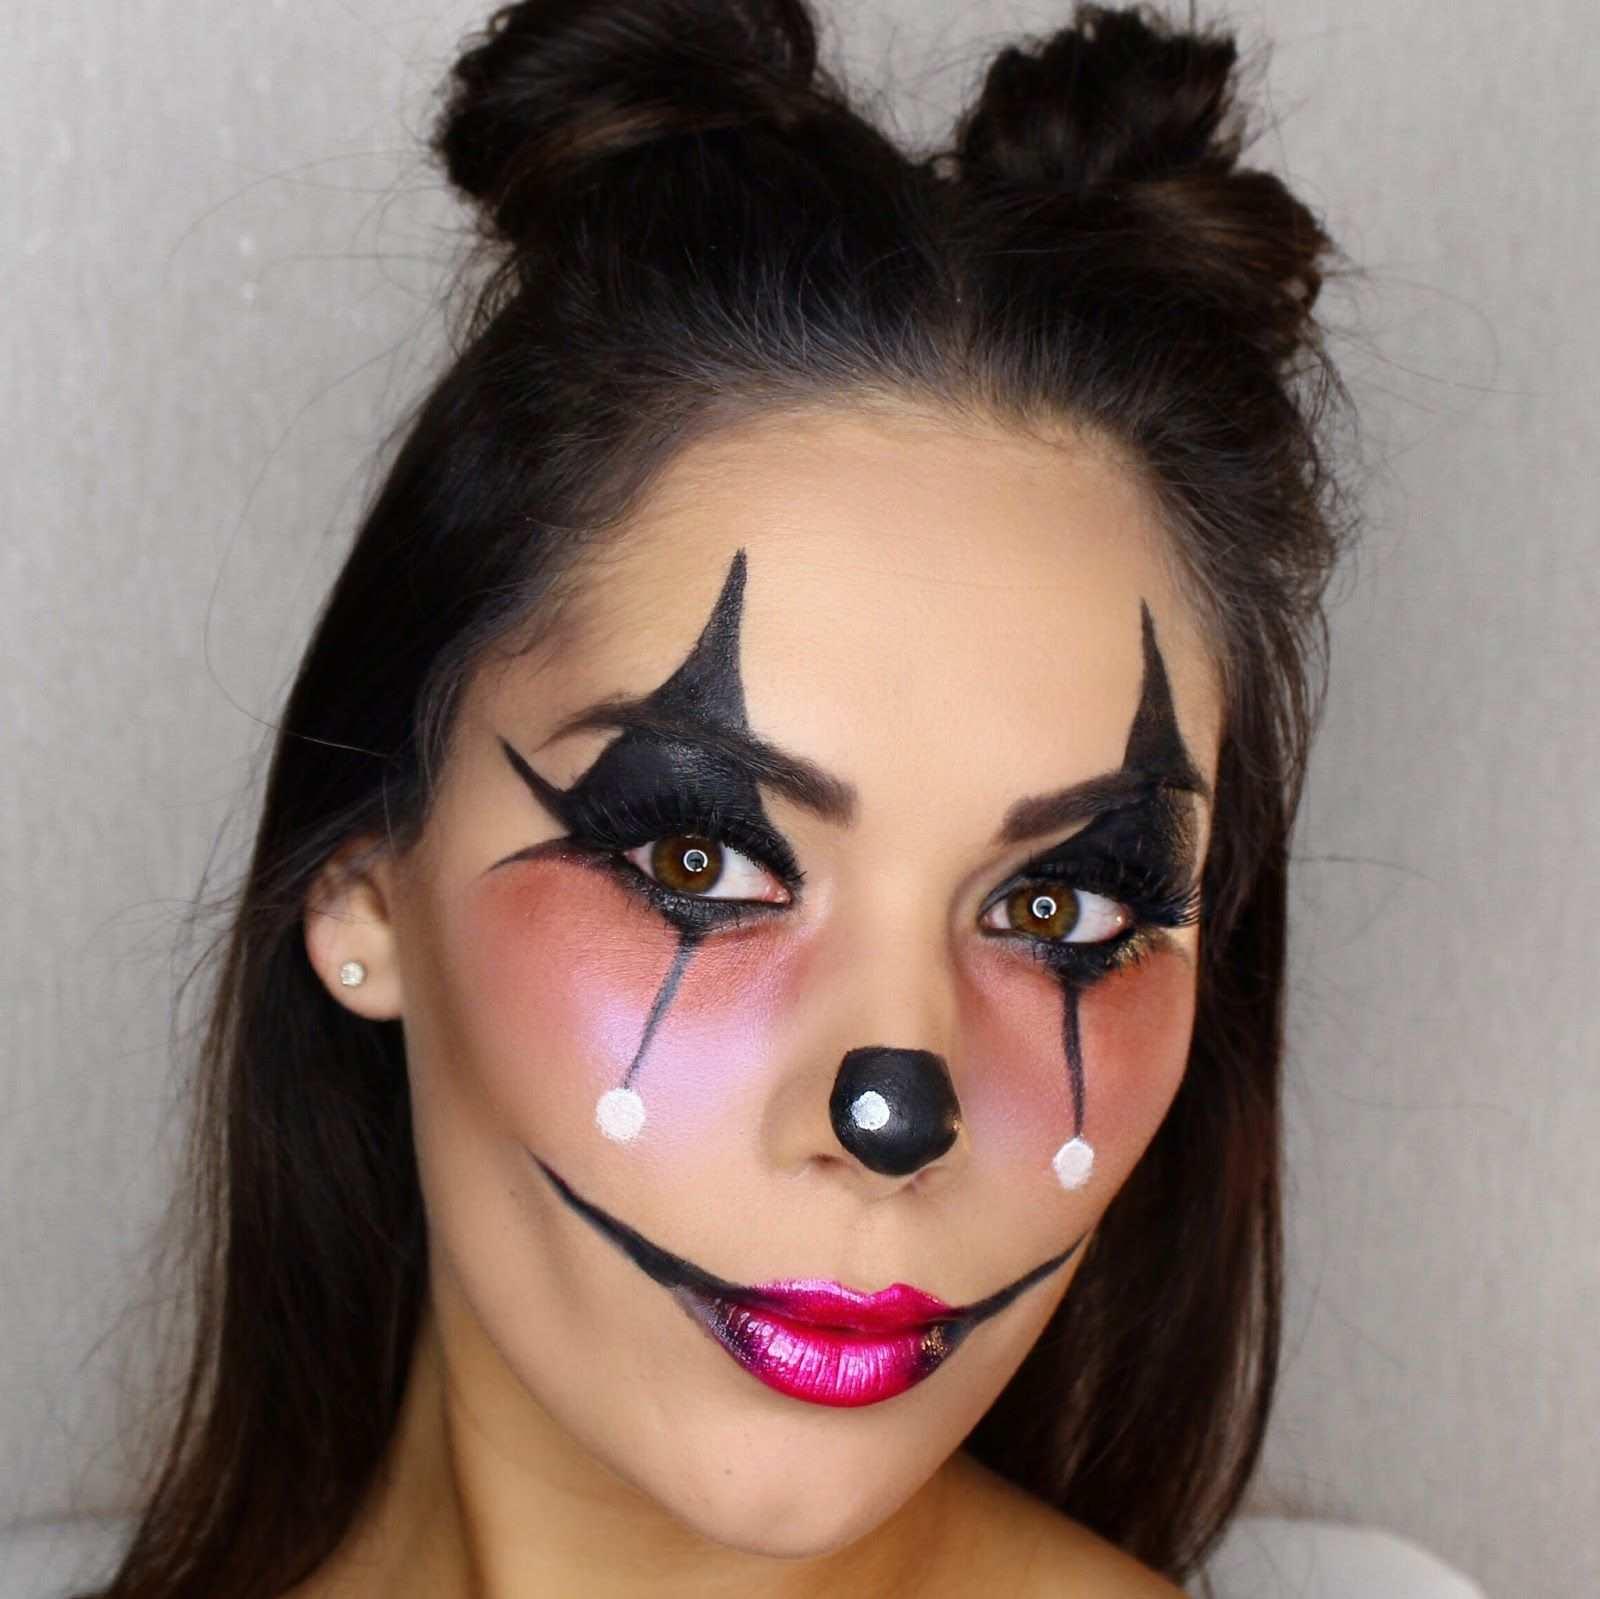 Fasching Make Up Im Letzten Moment Clown Schminken Anleitung Diy Fasching Zenideen Schminkzeug Halloween Makeup Make Up Augen